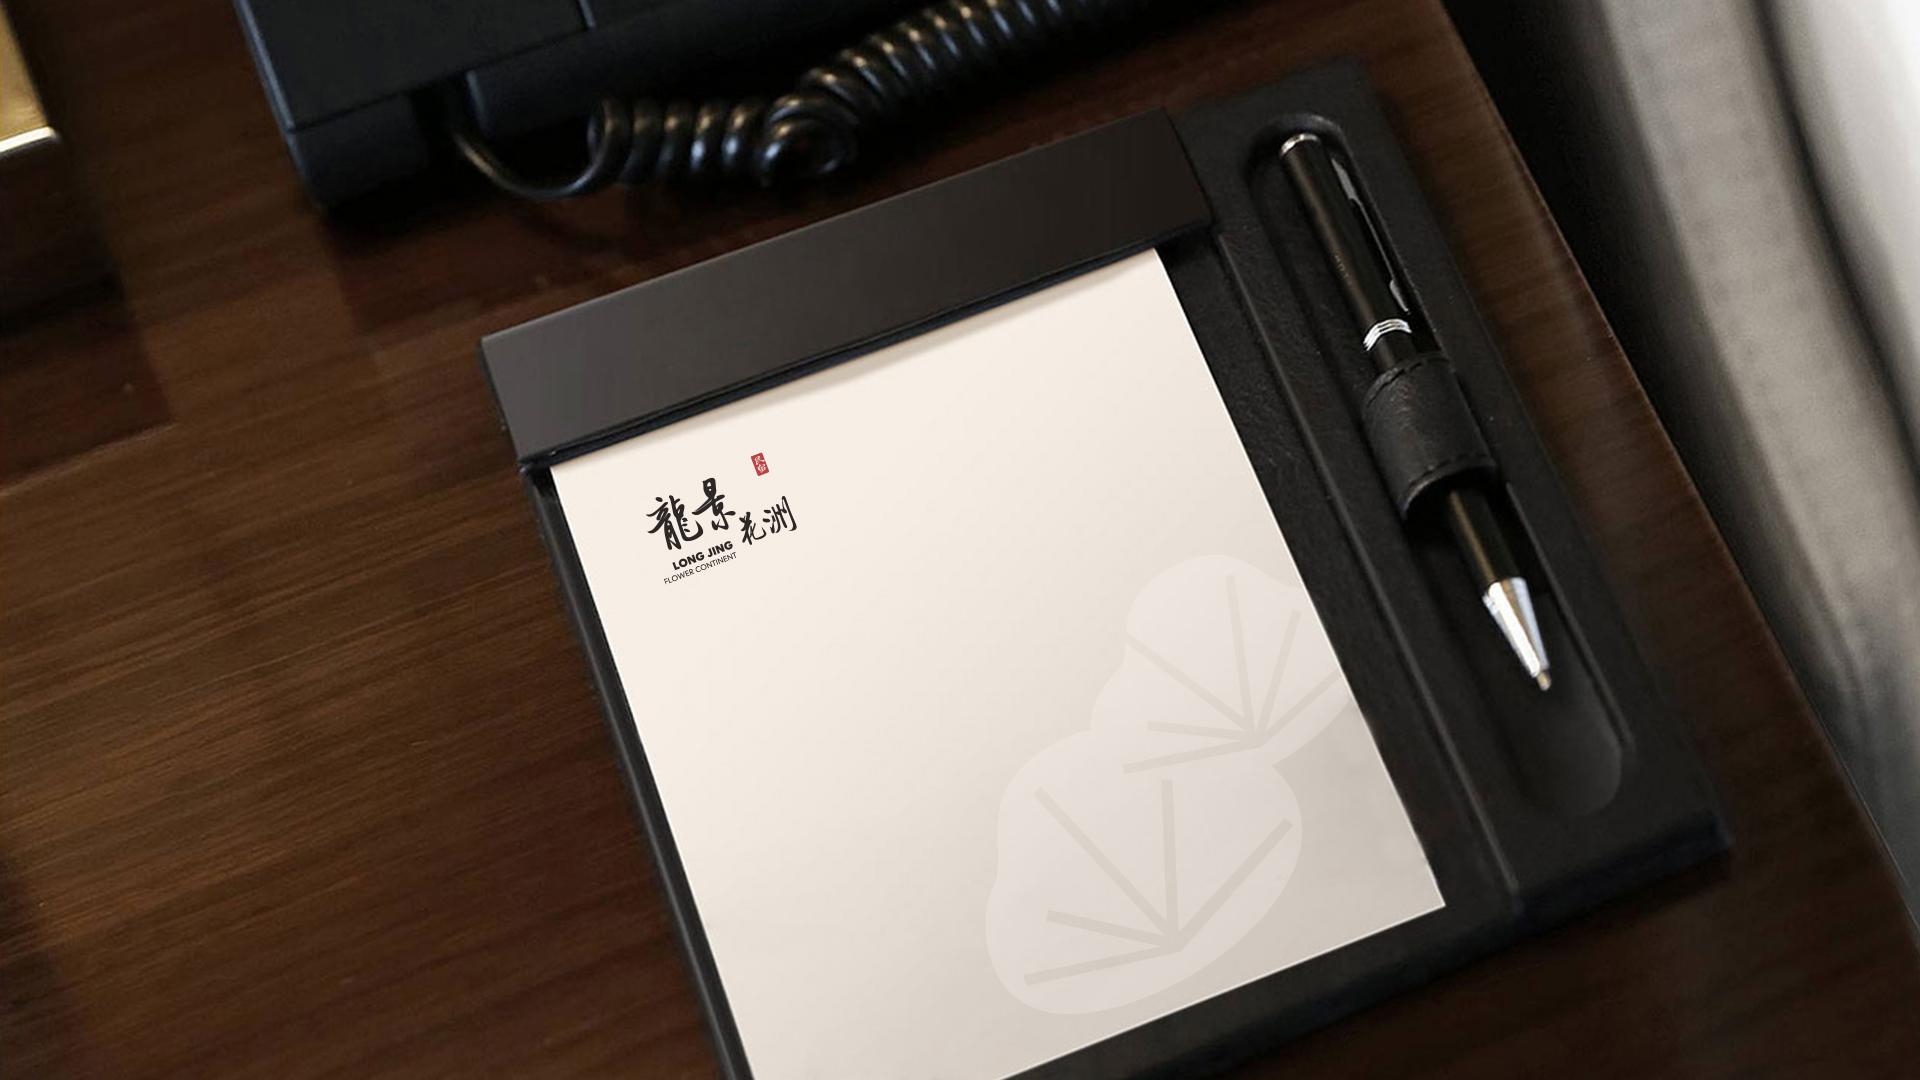 龙景花洲LOGO应用酒店环境设计